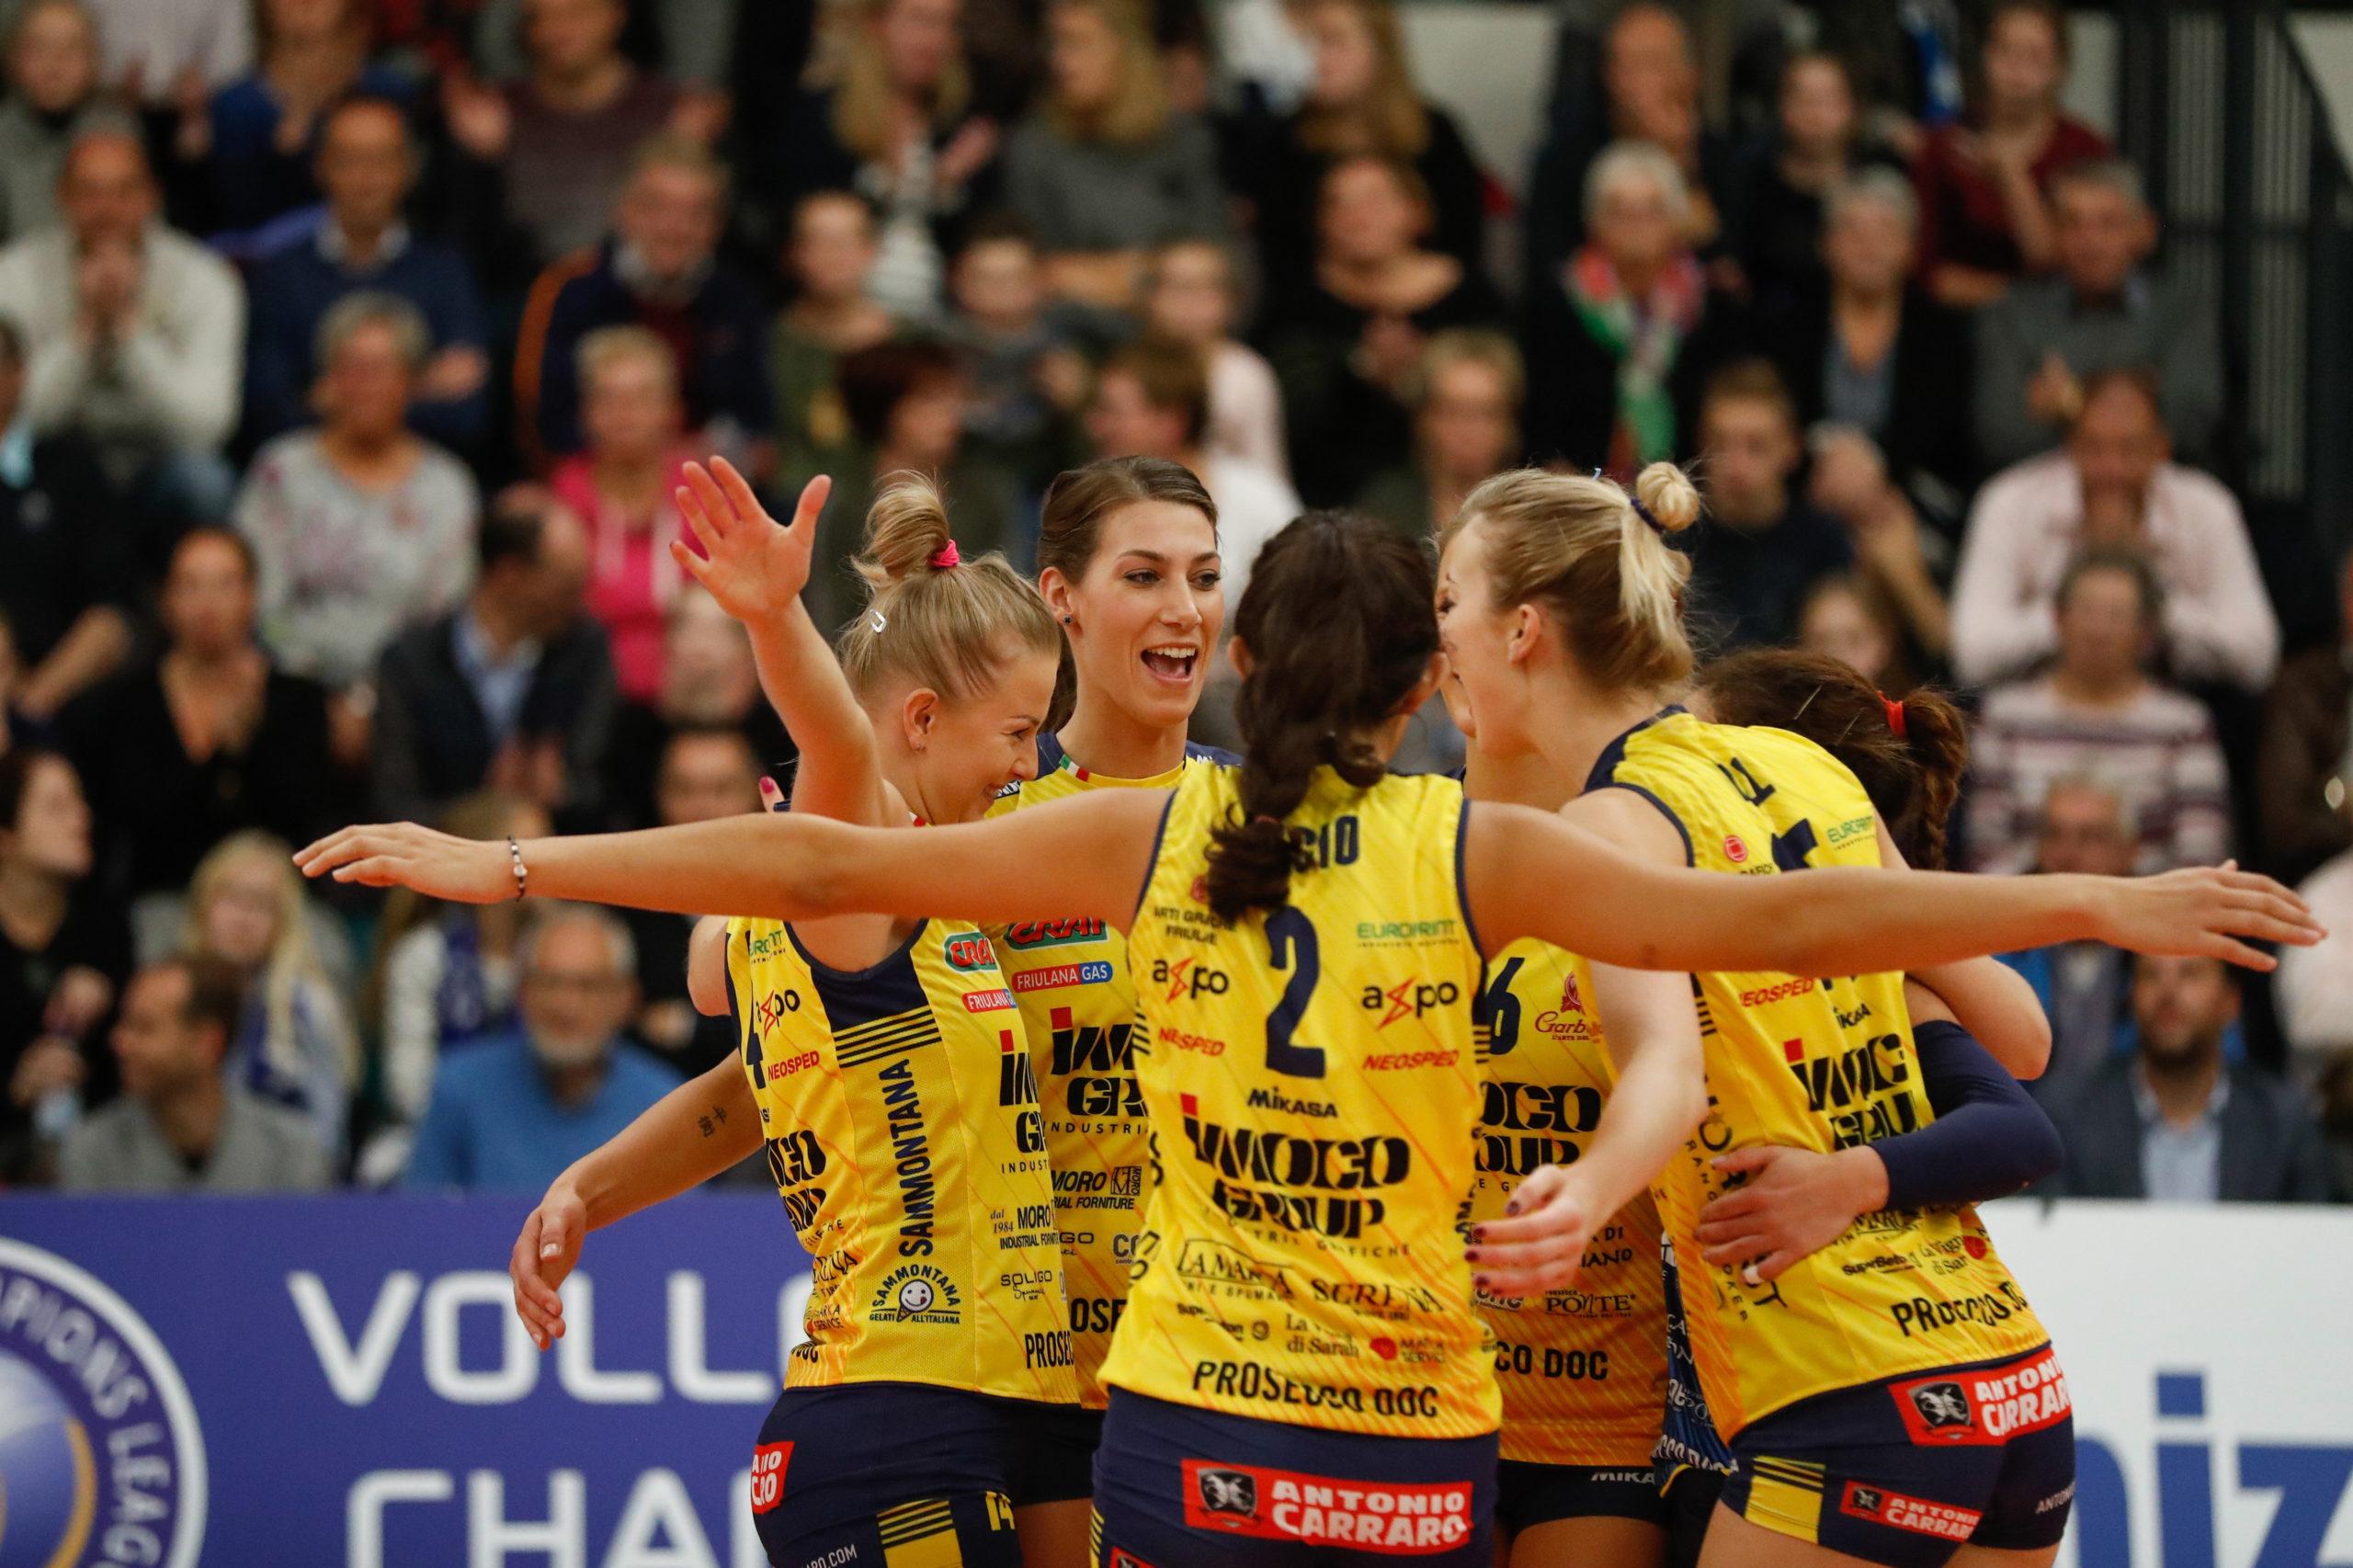 Volley femminile, Liu Jo: esordio ok per coach Fenoglio